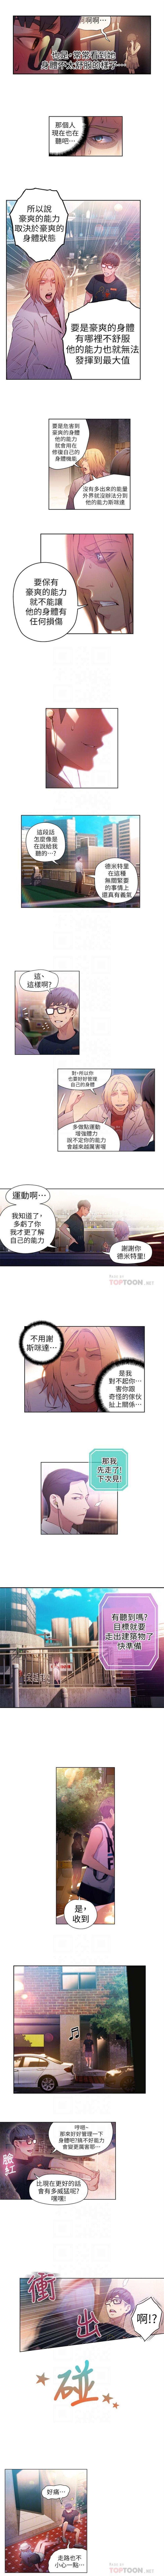 超導體魯蛇 1-41 官方中文(連載中) 109